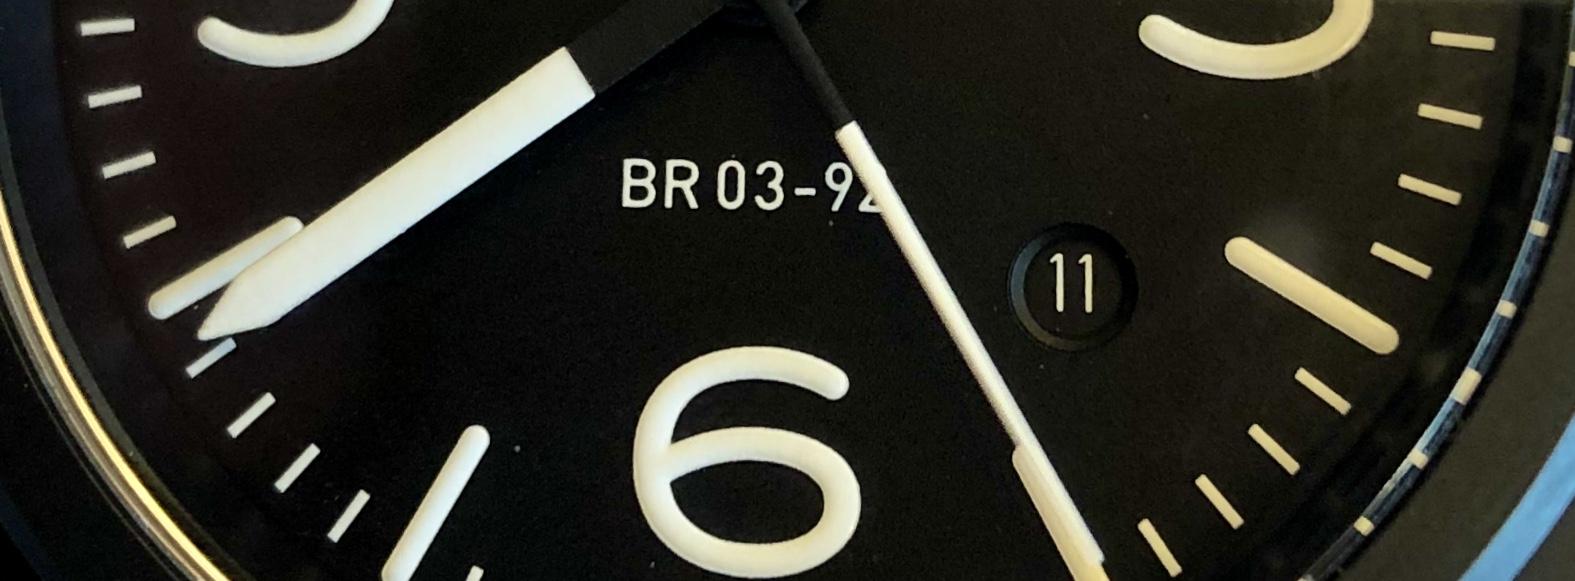 2B59D19D-89DF-4B4A-B9D5-024B7CB9EA2C.